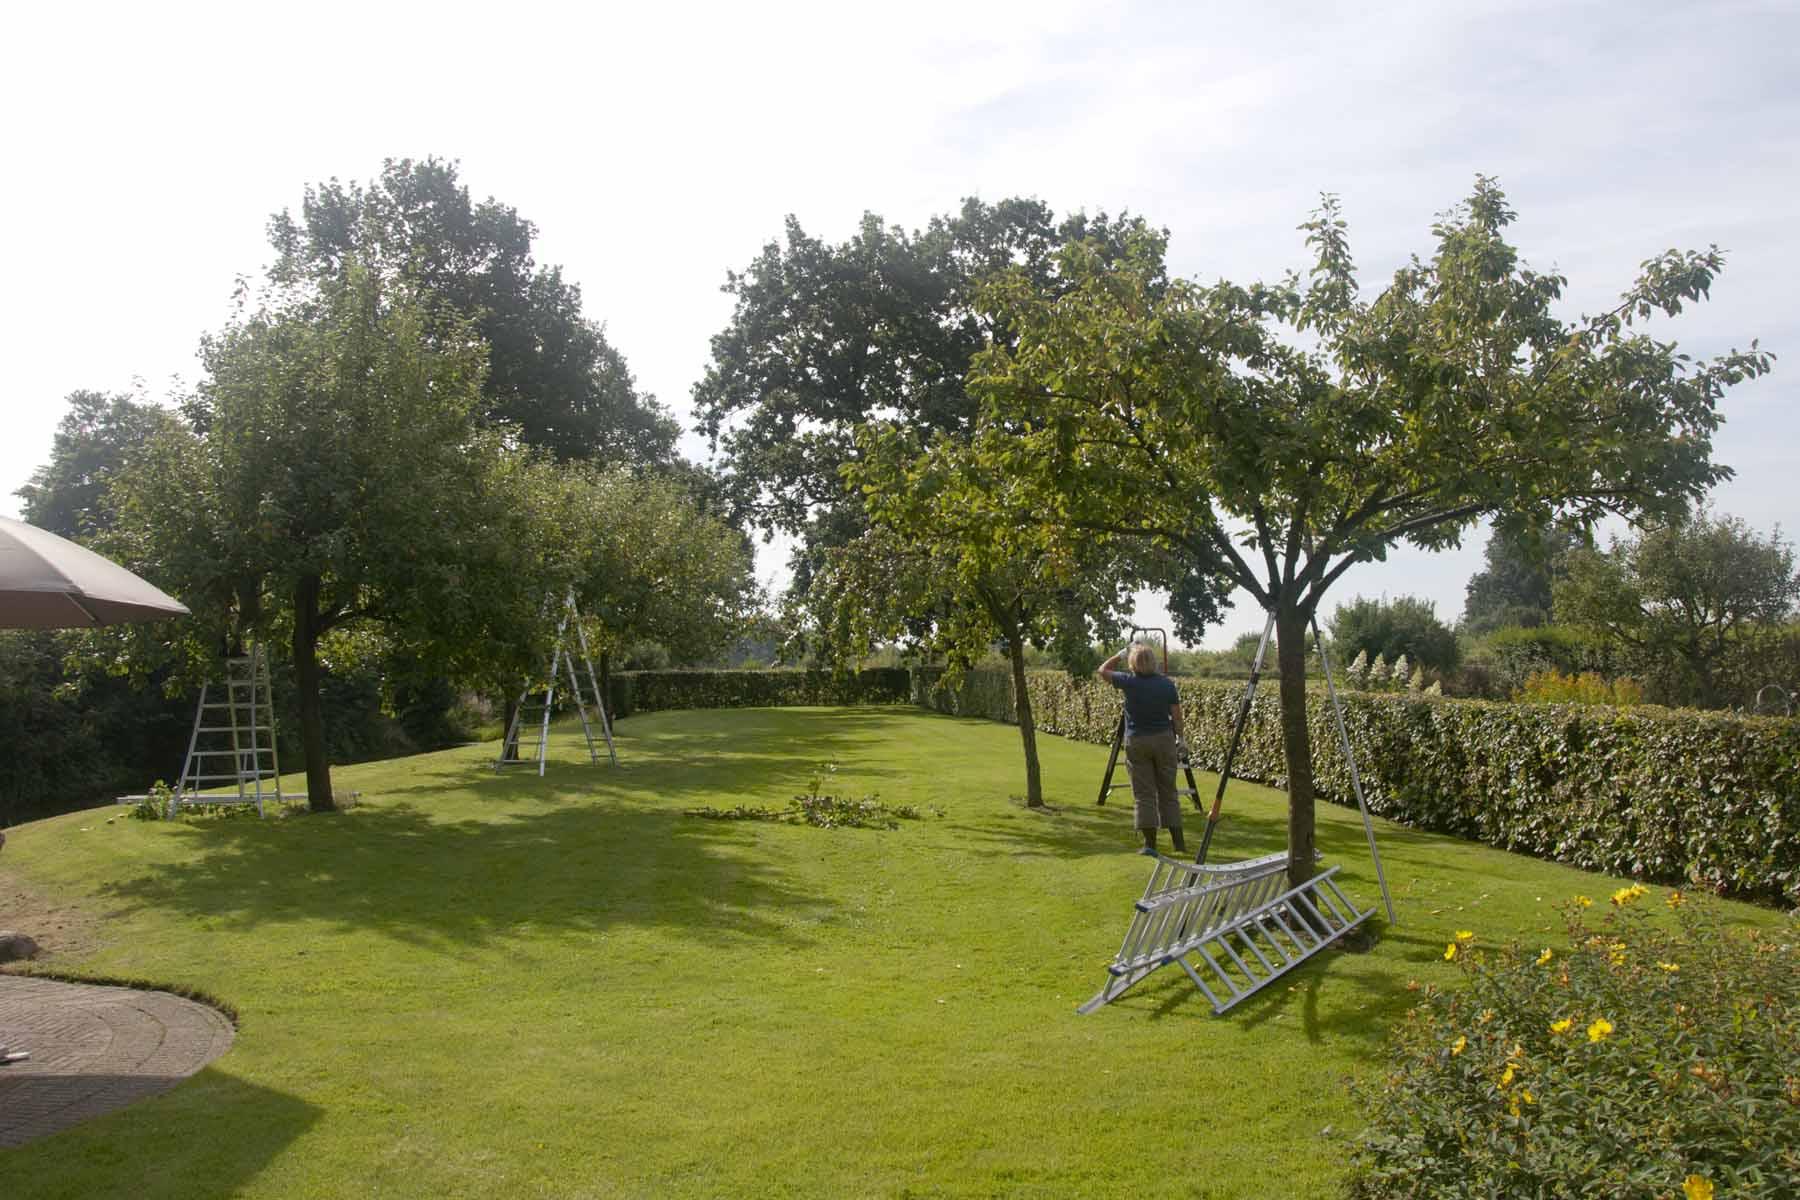 2012-08-18-hsb-steenwijkerwold-4109